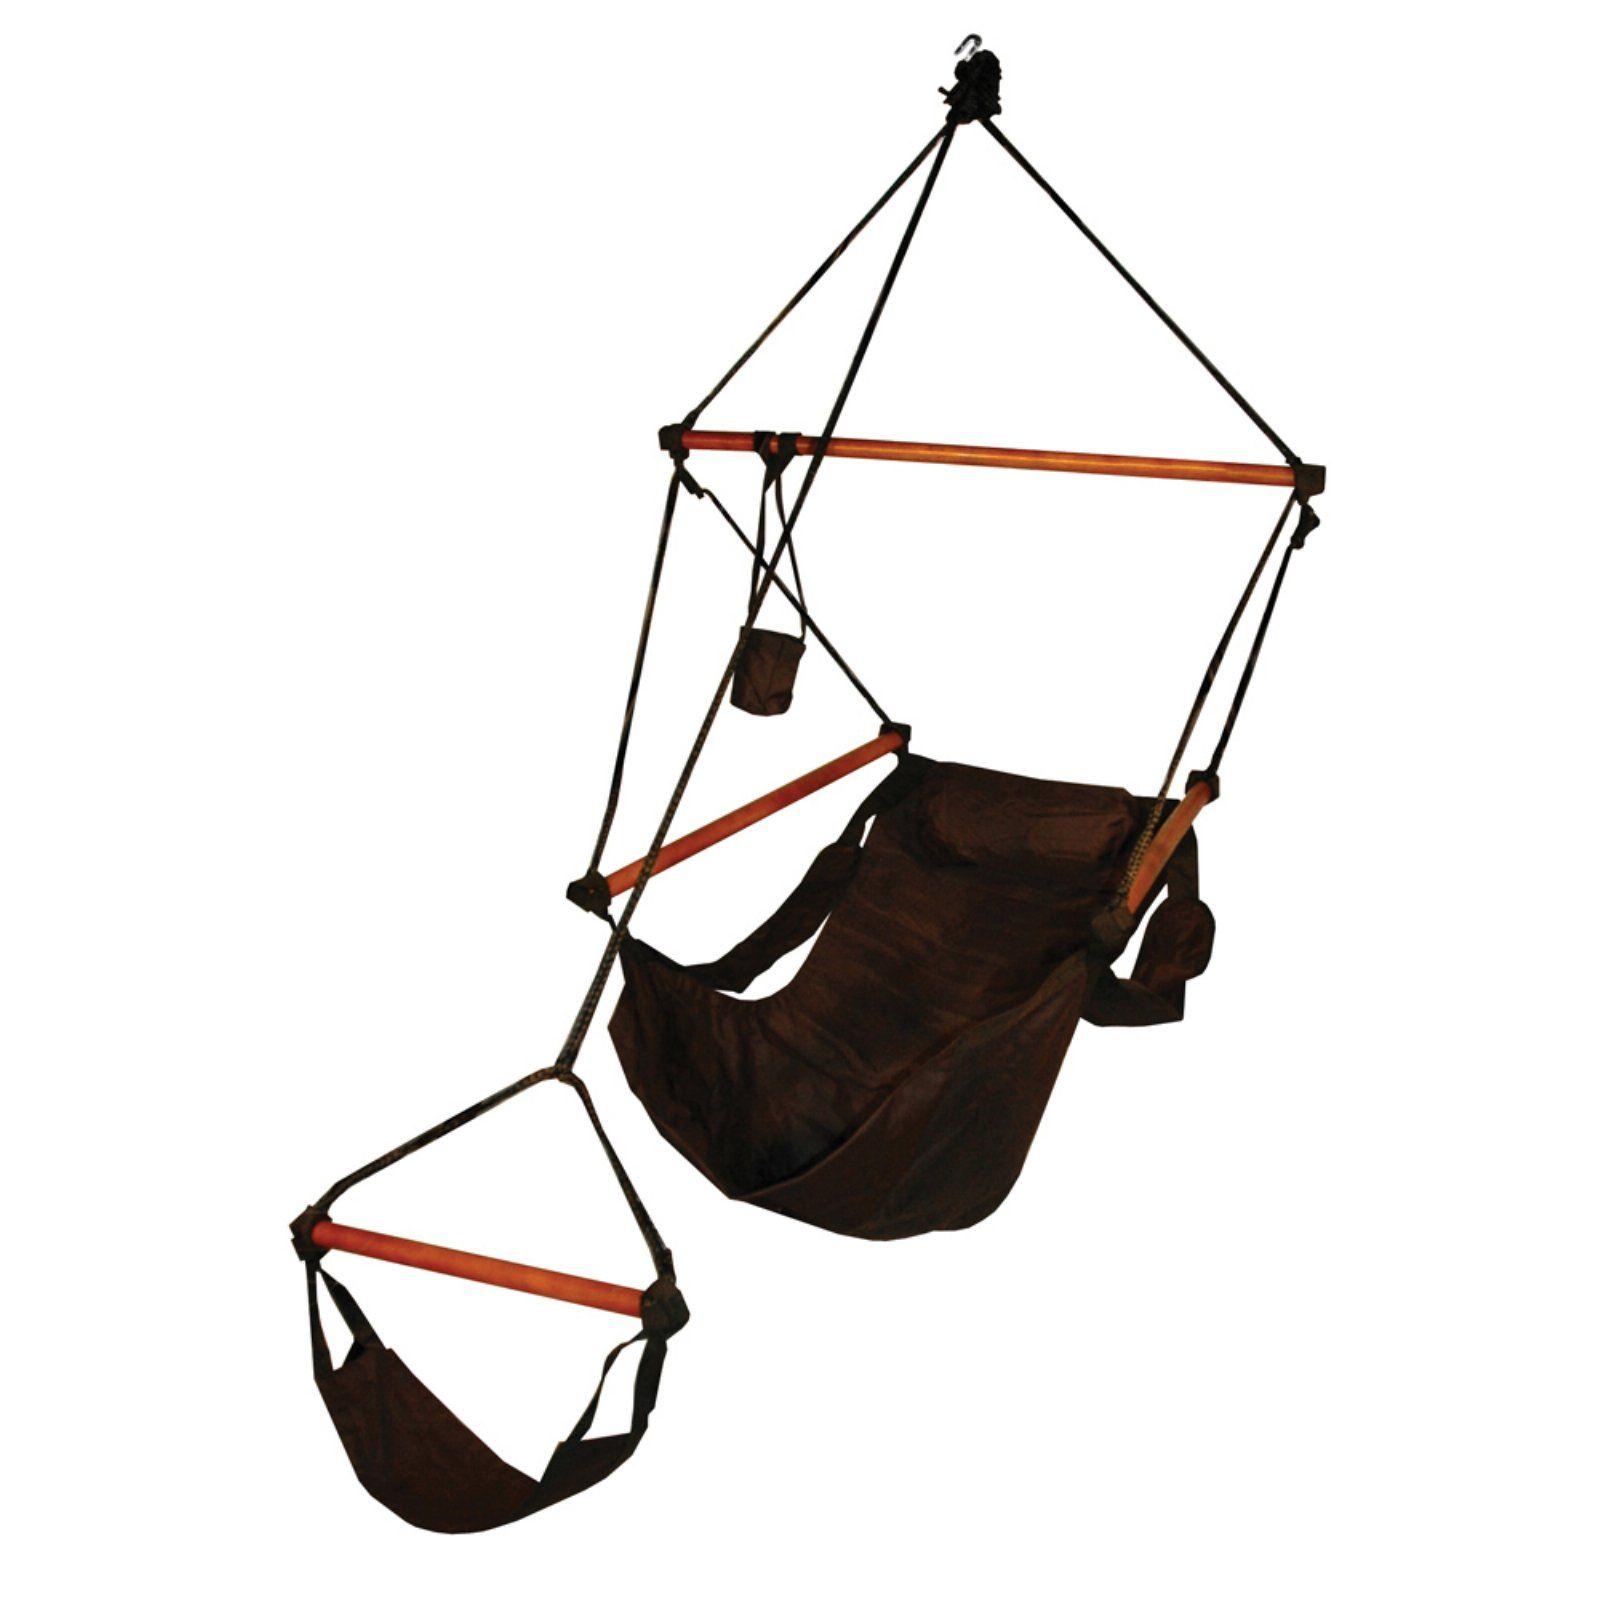 Hammaka Hammock Chair Black Products in 2019 Hammock